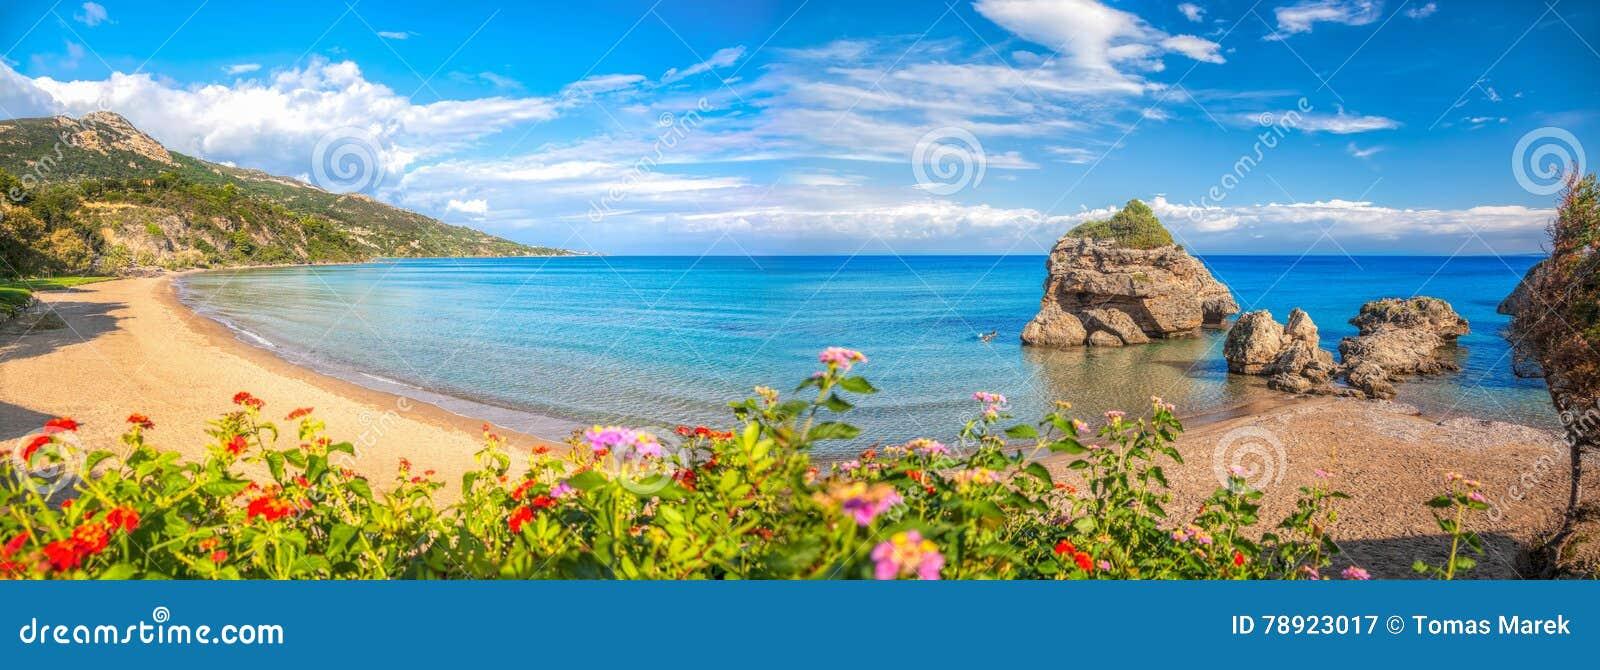 Panorama av den Porto Zorro stranden mot färgrika blommor på den Zakynthos ön, Grekland